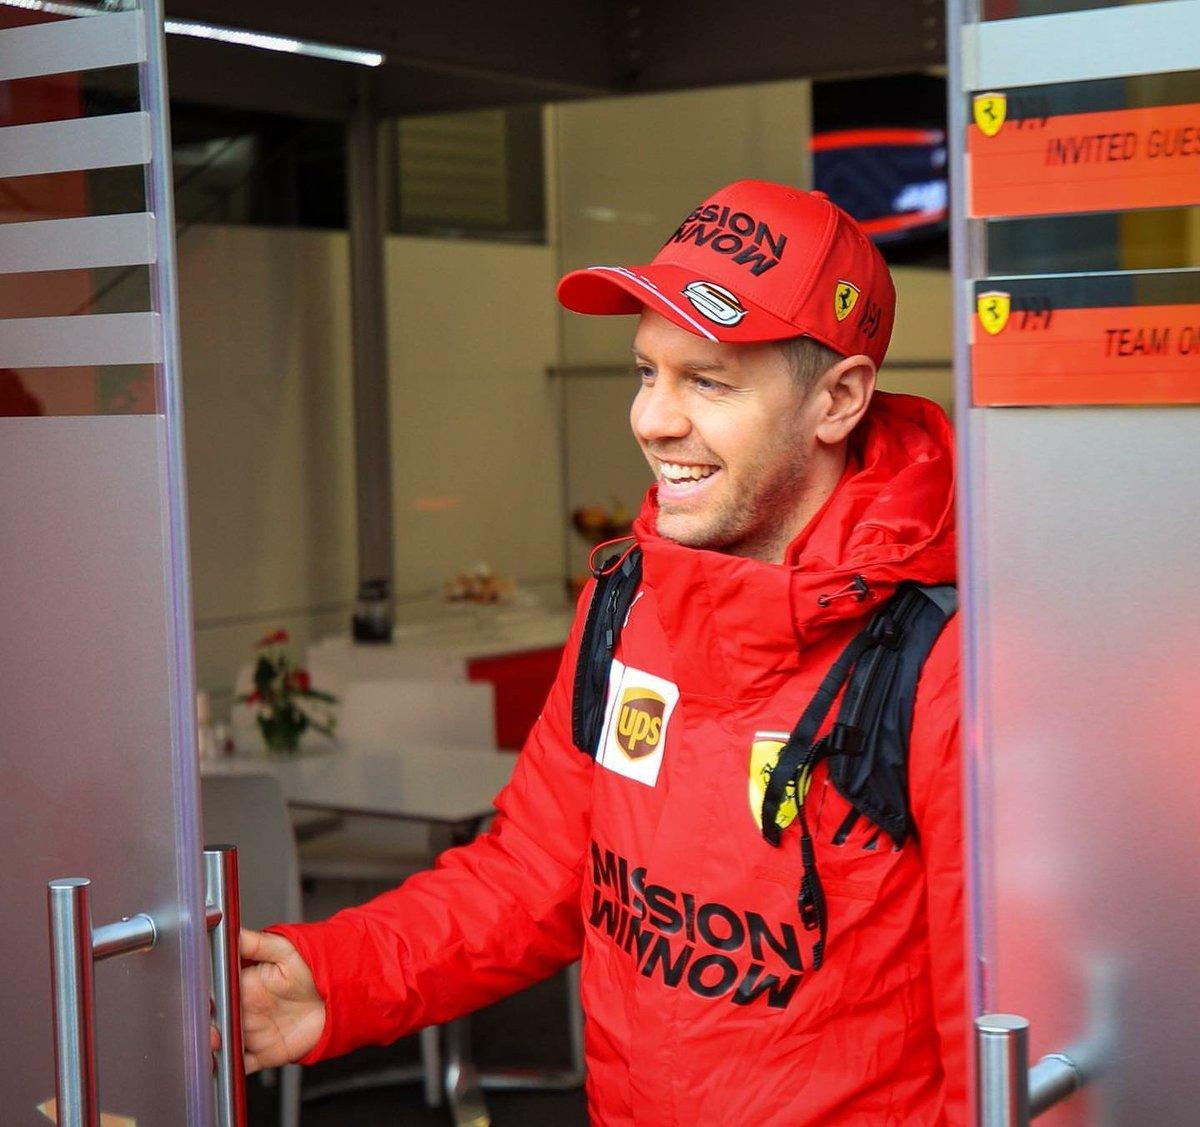 C'est la fin de la 1 ère session d'essais à Barcelone 🏁  #Seb5 se classe P13 avec un 1.18. 384 et 100 tours effectués malgré une panne ce matin 👊  #Formula1 #Formule1 #F1 #F12020 #CL16 #Charles16 #Leclerc16 #Ferrari #essereFerrari #Leclerc #F1Testing #Vettel